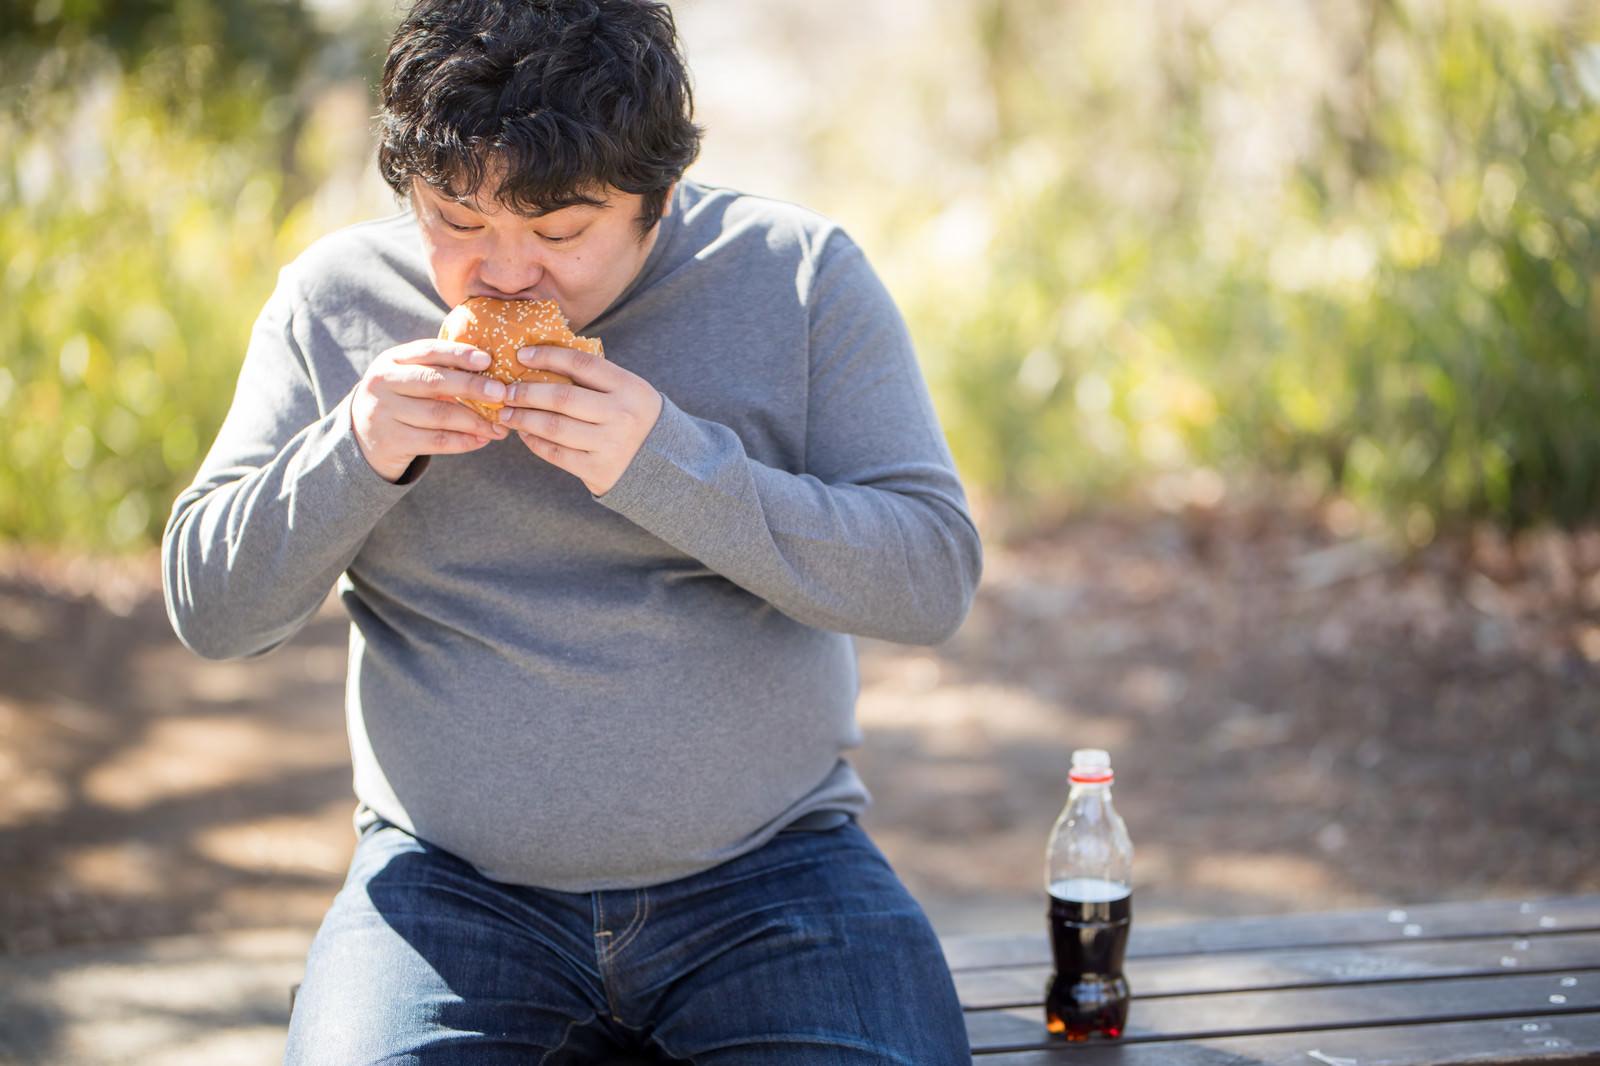 「ジャンクフードにハマってしまう男性(メタボ・肥満)ジャンクフードにハマってしまう男性(メタボ・肥満)」[モデル:段田隼人]のフリー写真素材を拡大